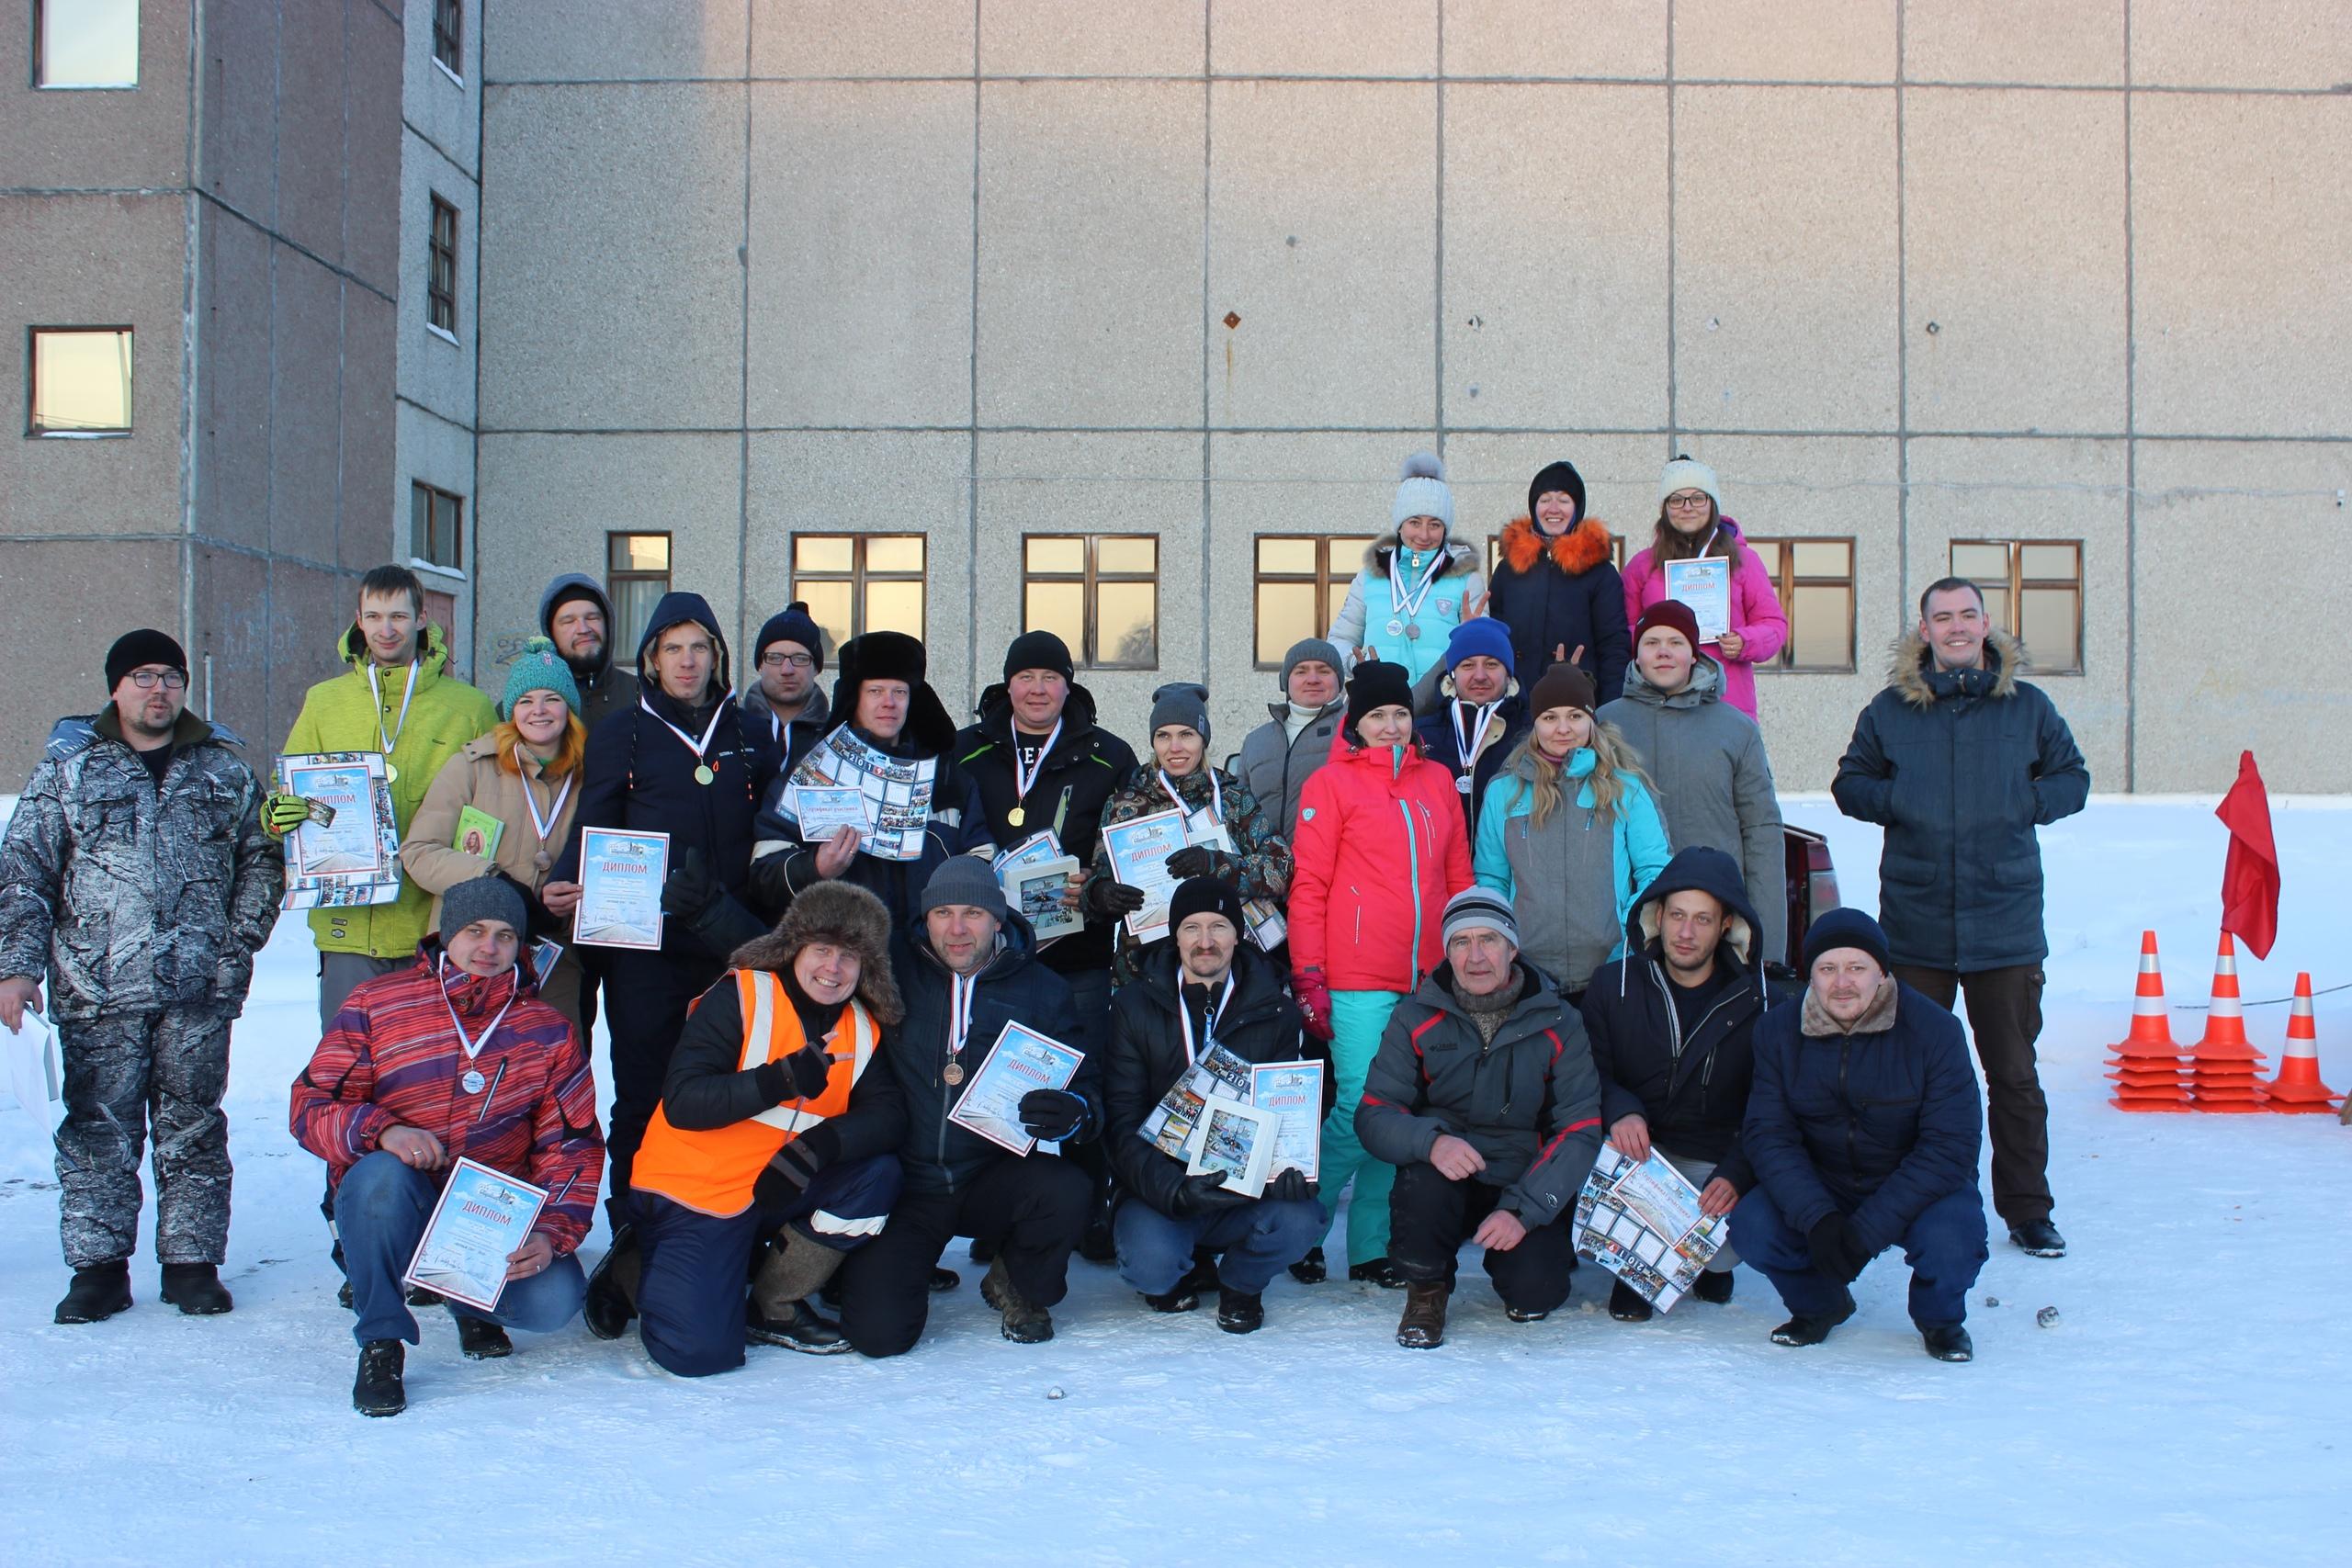 первый снег, автомногоборье, чайковский район, 2018 год